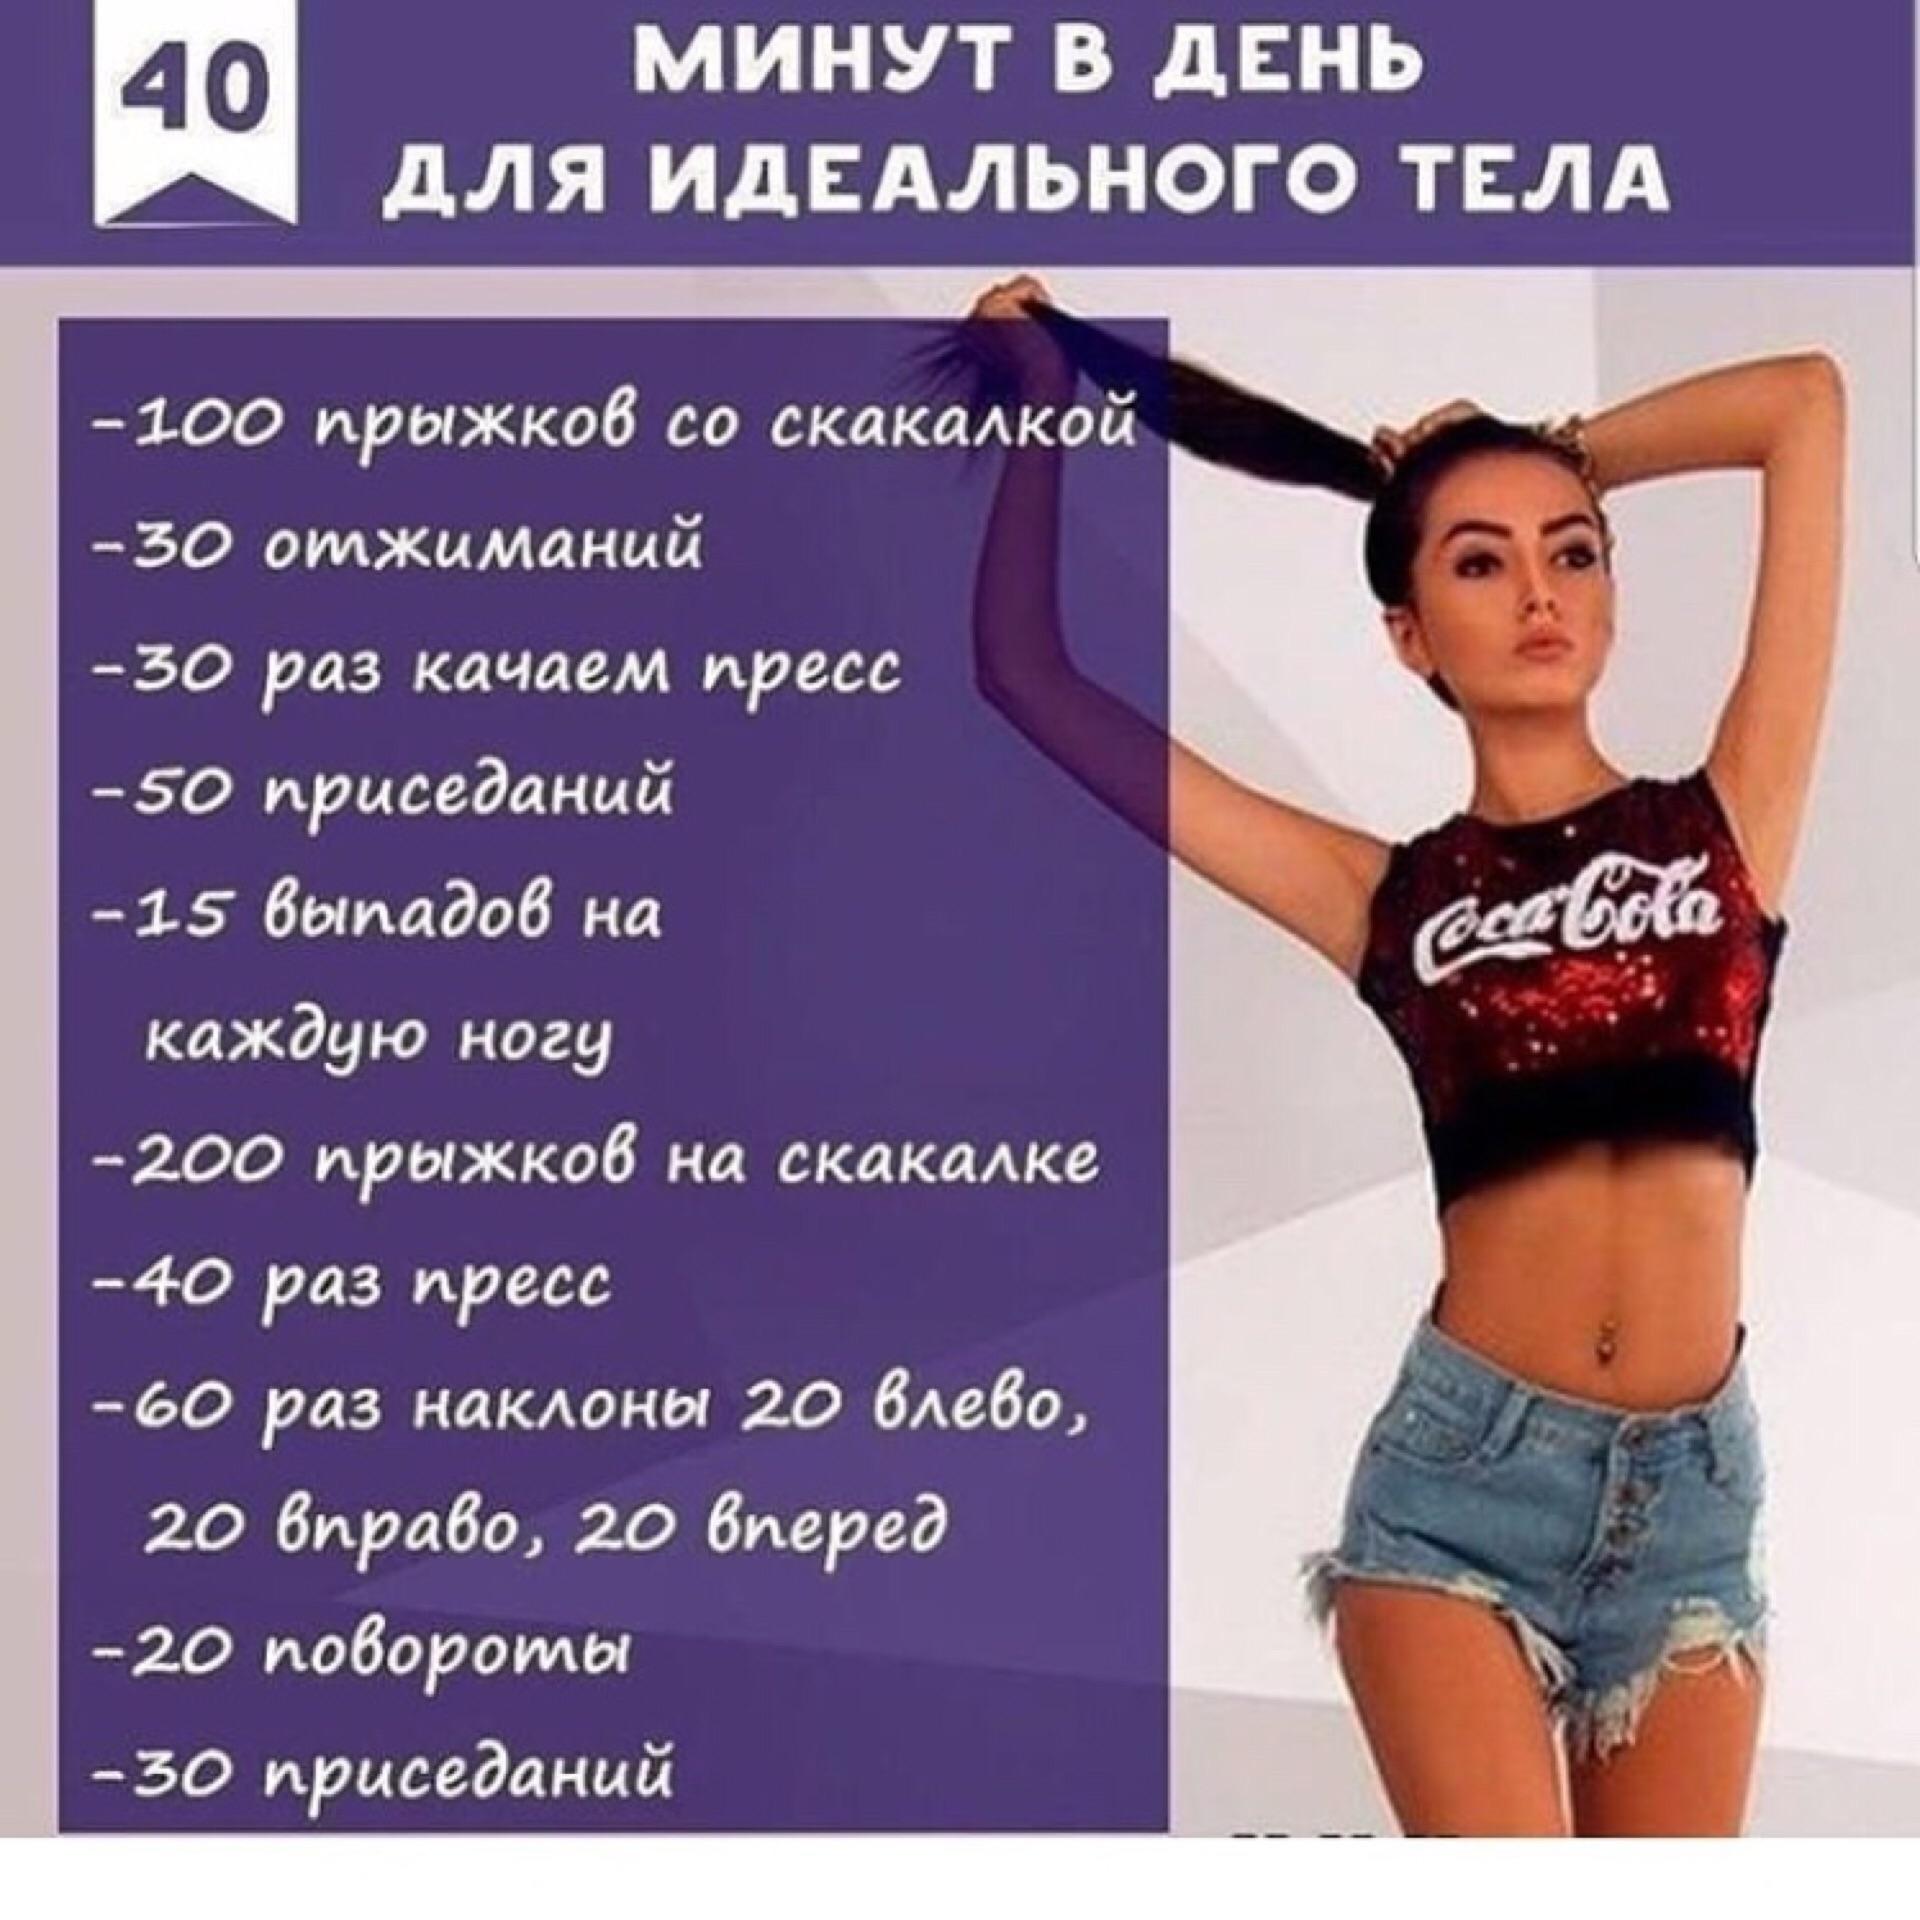 Какими Спортом Заниматься Чтобы Сбросить Вес. Каким спортом заняться, чтобы похудеть